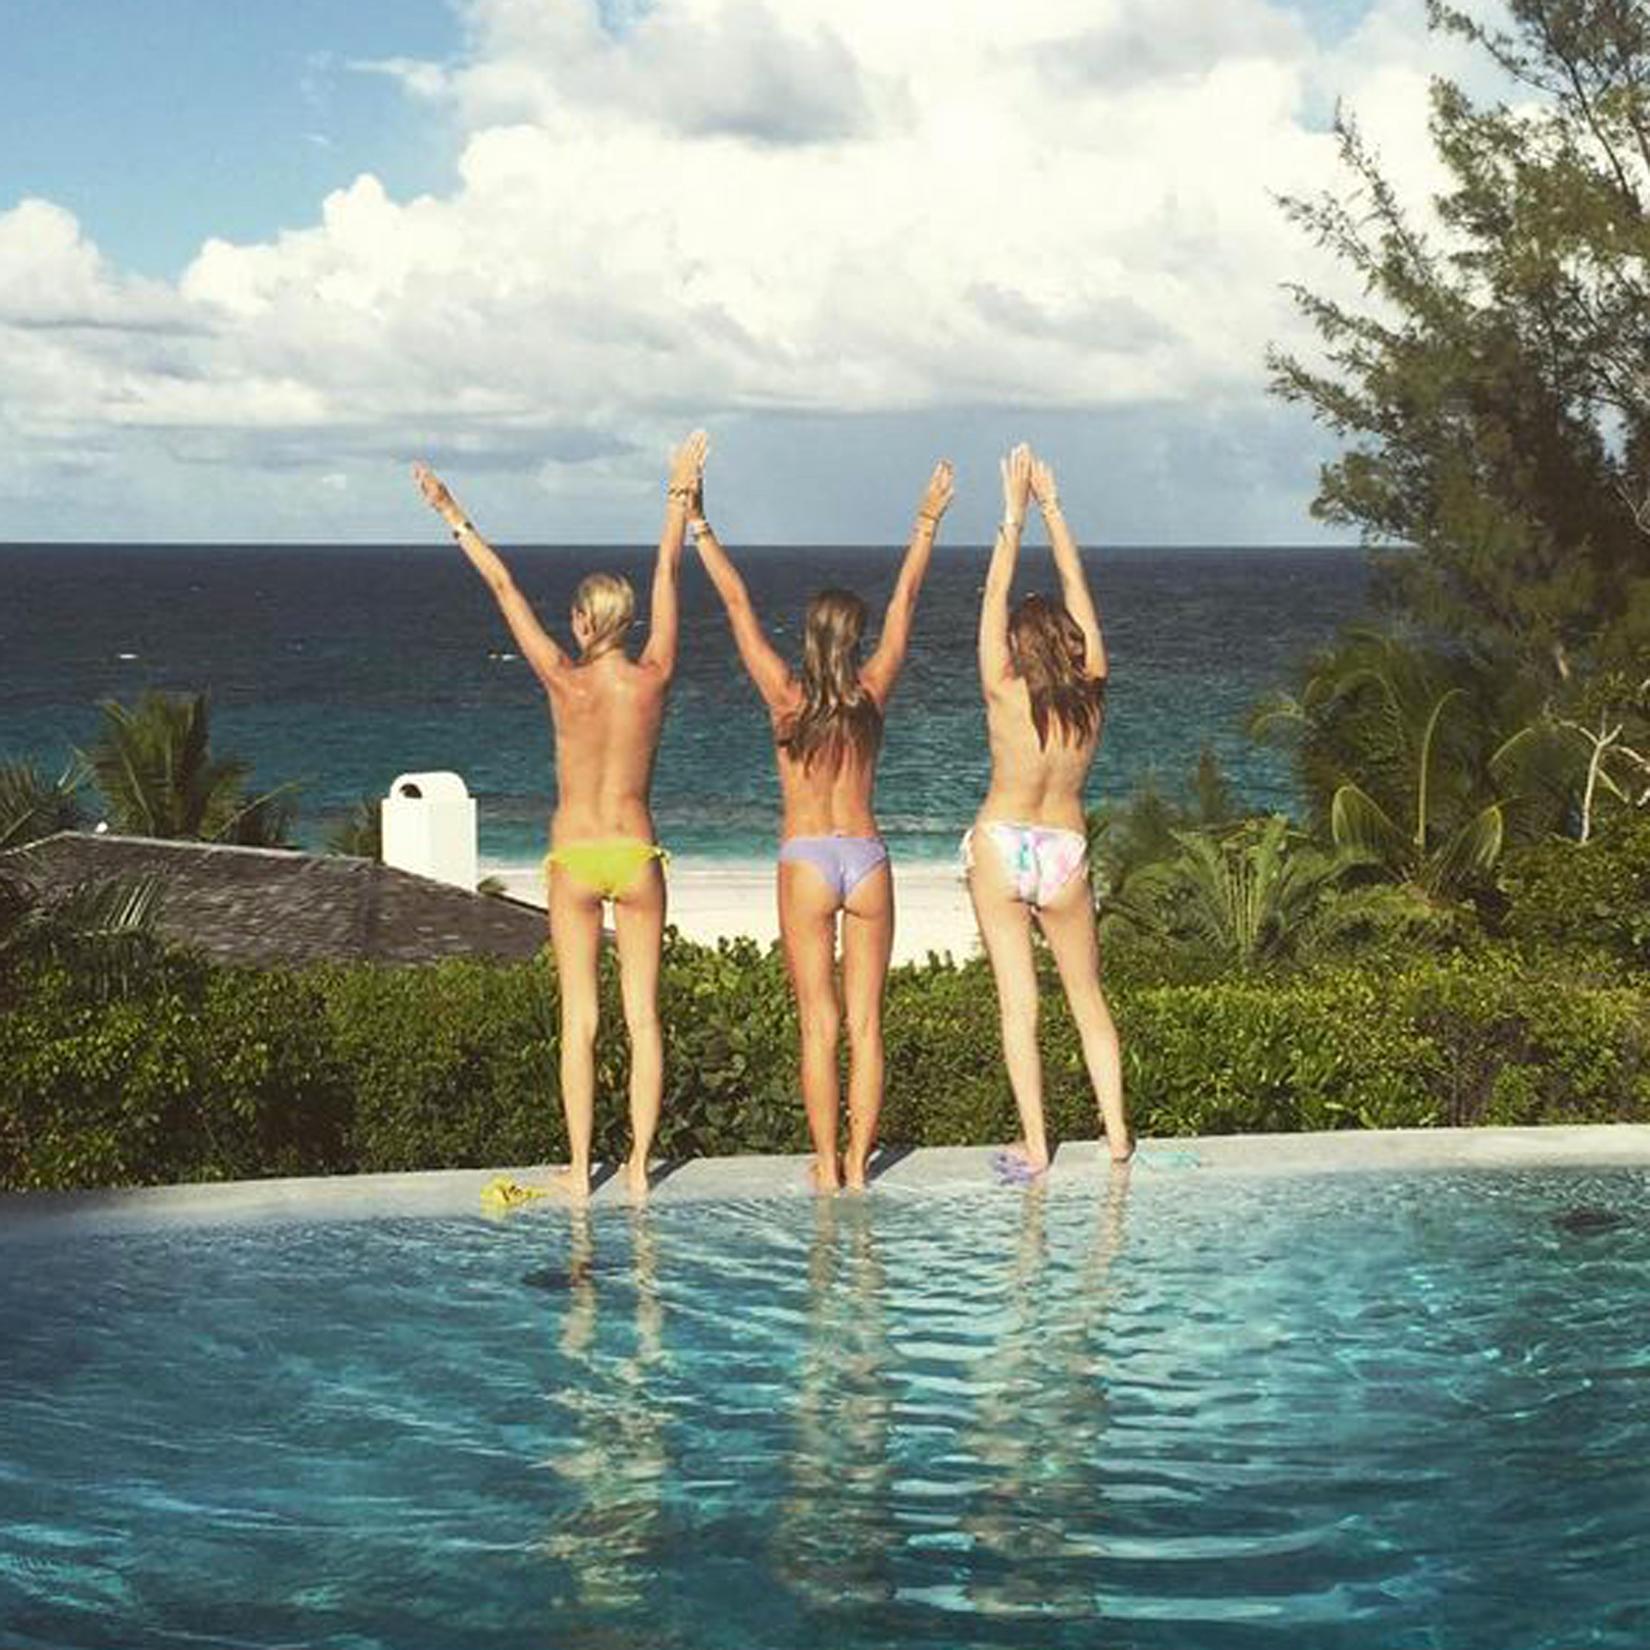 Süßes Beachlife für die Cousinen Prinzessin Maria-Olympia, Talita von Furstenberg und eine Freundin in Harbour Island. Ihr Freund Flynn Busson hat den Schnappschuss auf seinem Instagram-Account gepostet.